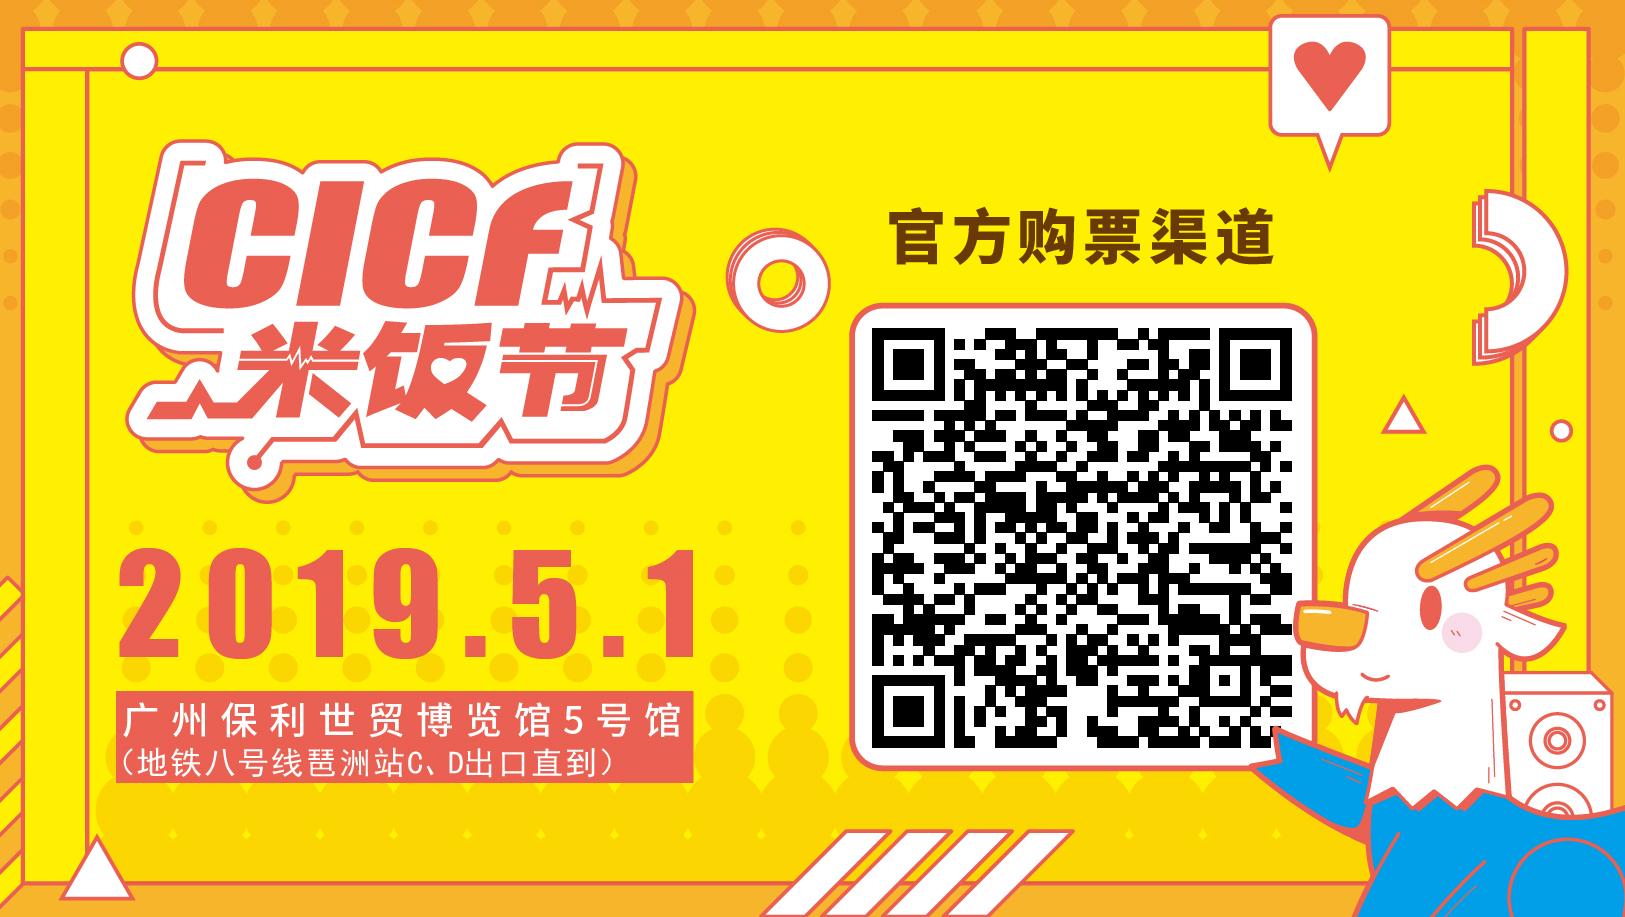 五一劳动节假期广州唯一ACG活动,CICF米饭节预售票开售!